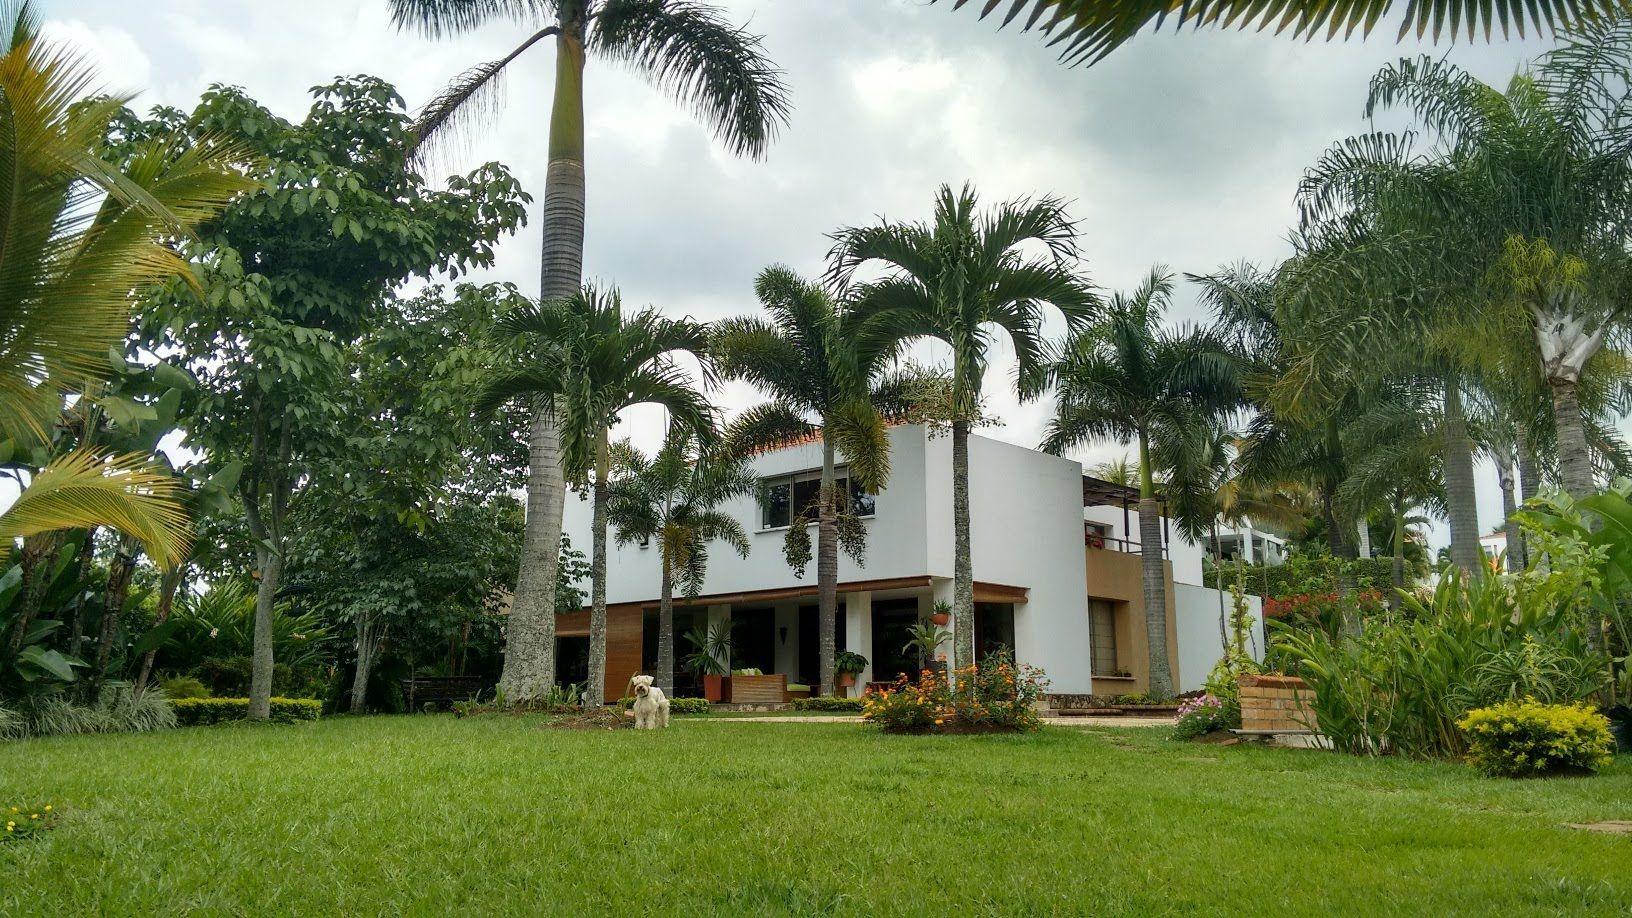 Los 5 barrios m s lujosos de colombia ole colombia for Bares en ciudad jardin cali